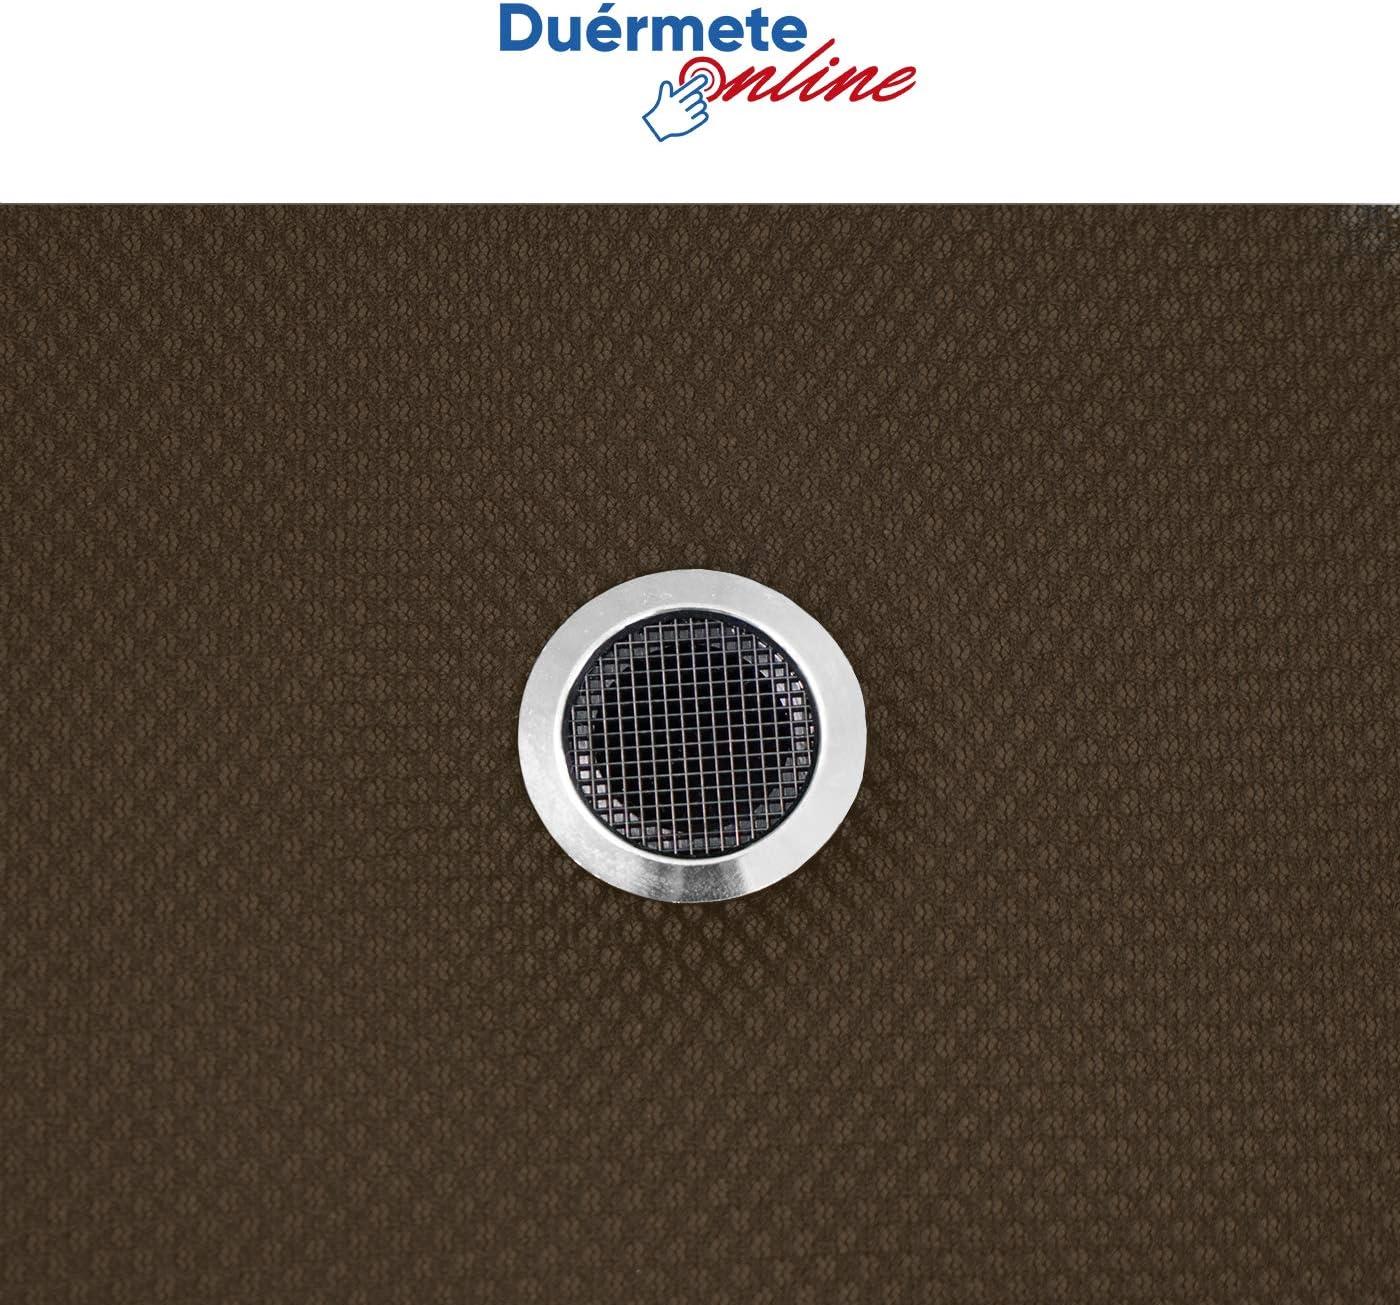 Du/érmete Online Pack Ahorro Colch/ón Viscoel/ástico Lite Reversible Color Chocolate Base Tapizada 3D Reforzada 5 Barras de Refuerzo y V/álvulas de Ventilaci/ón con 6 Patas 80x180